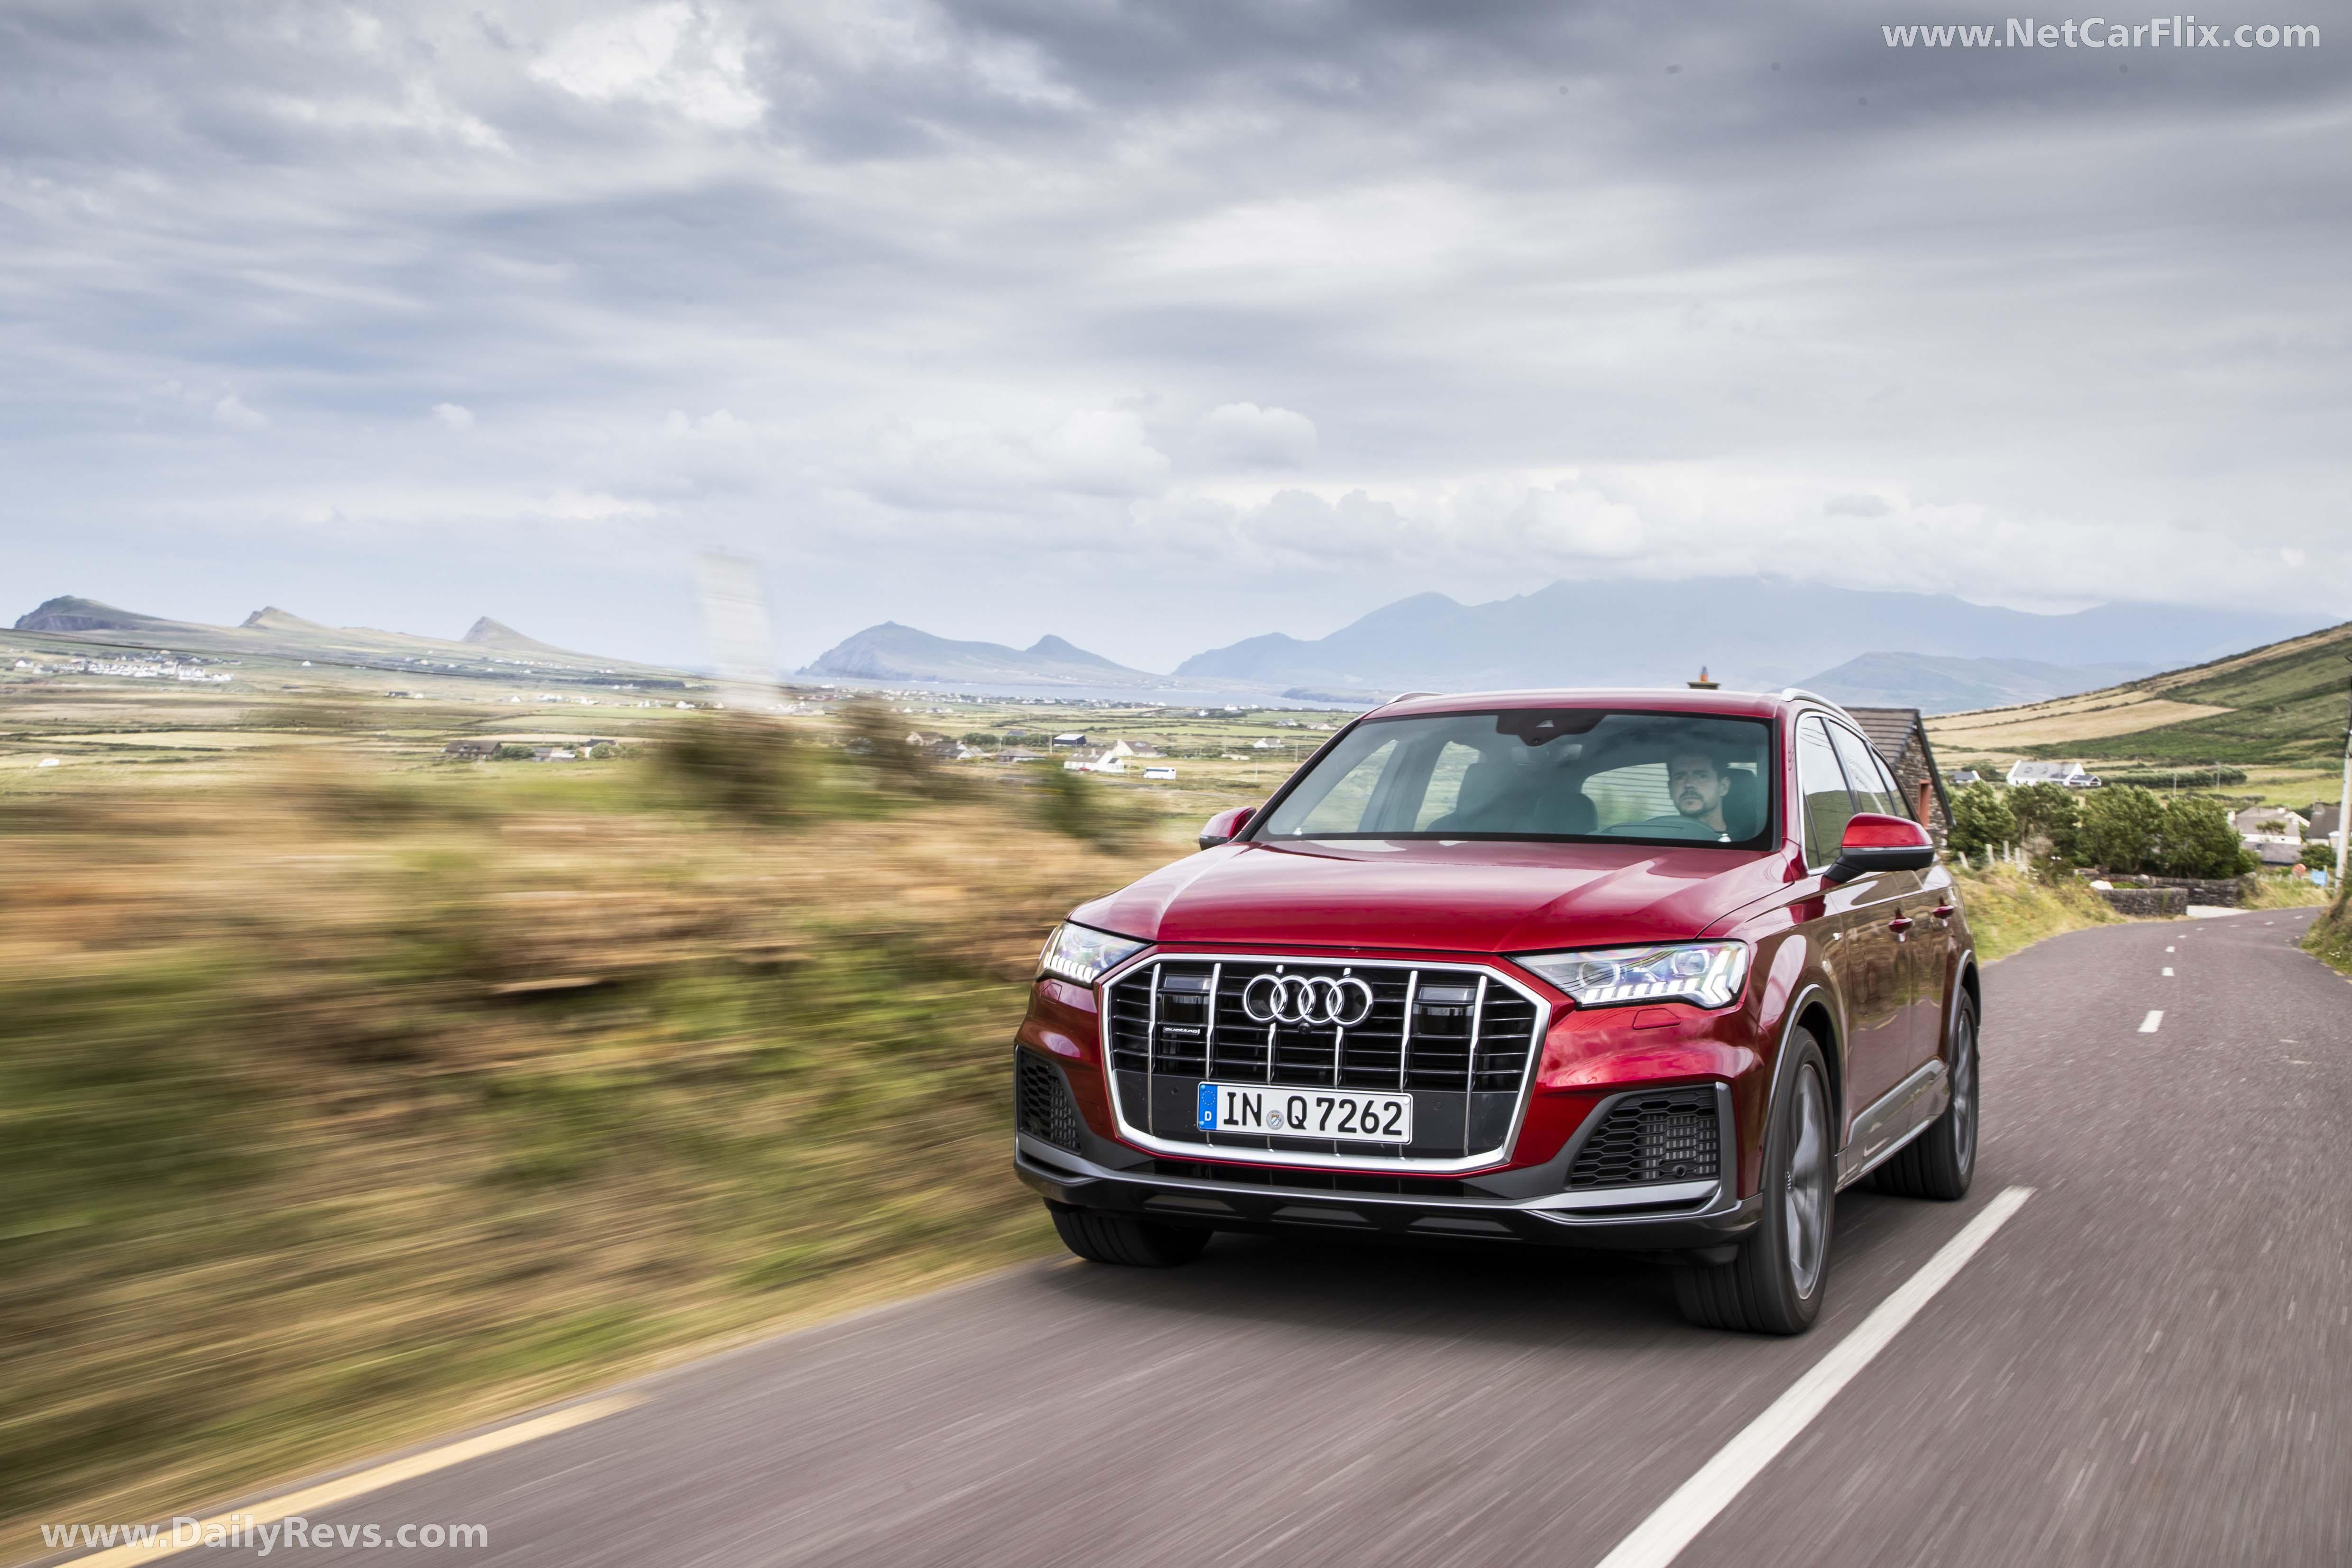 2020 Audi Q7 full